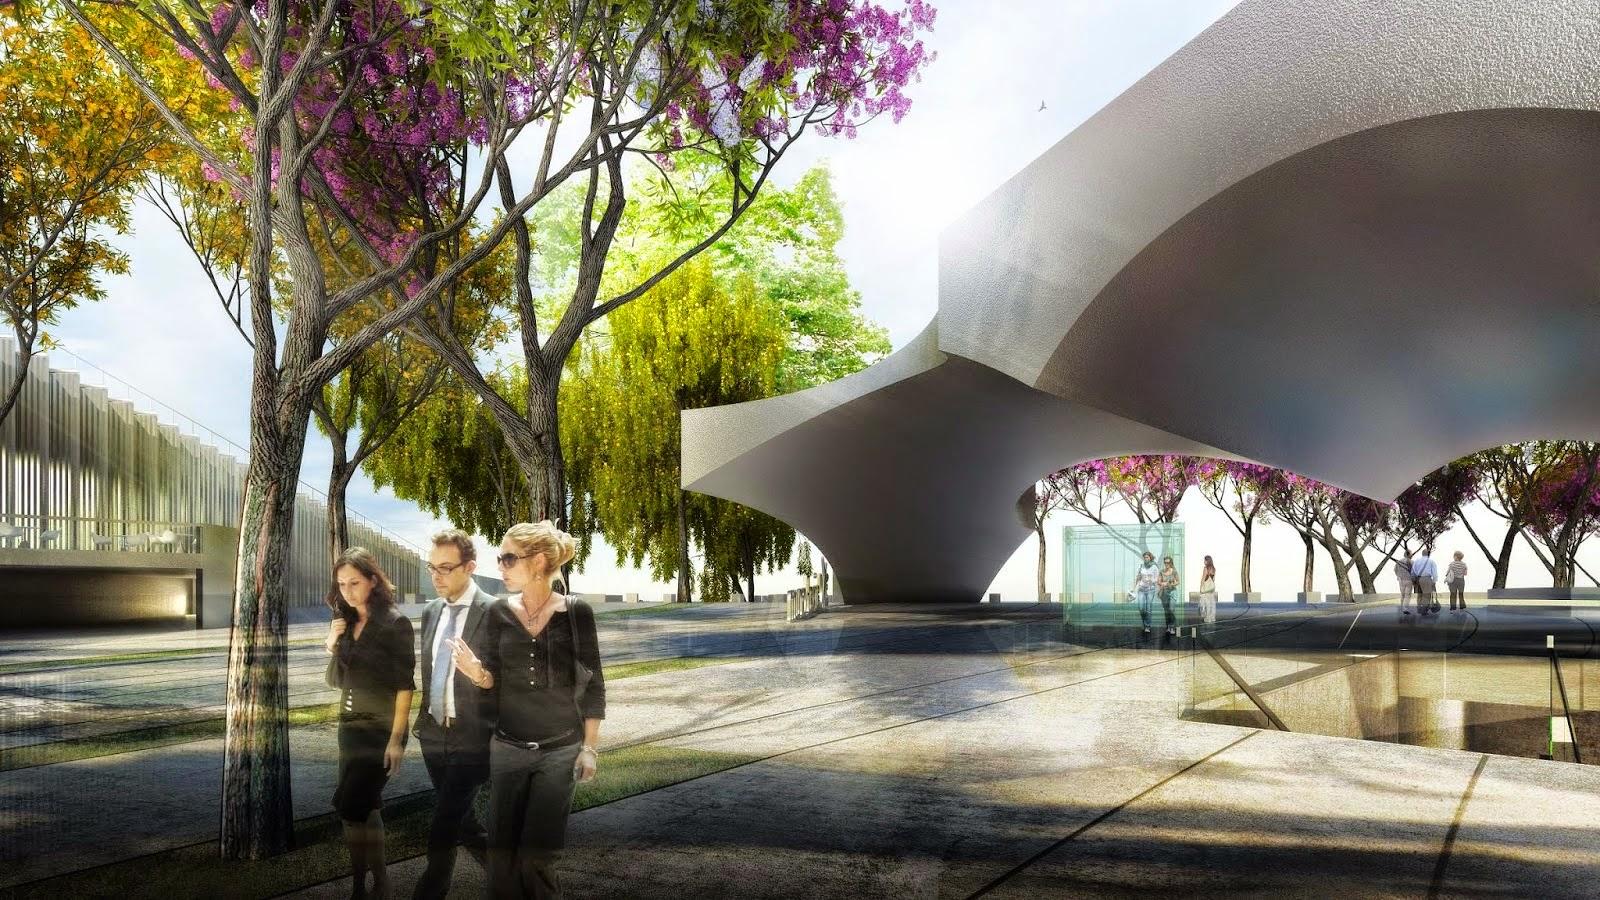 El 3 de marzo se inauguran el Caixaforum y el Parque Fernando de Magallanes